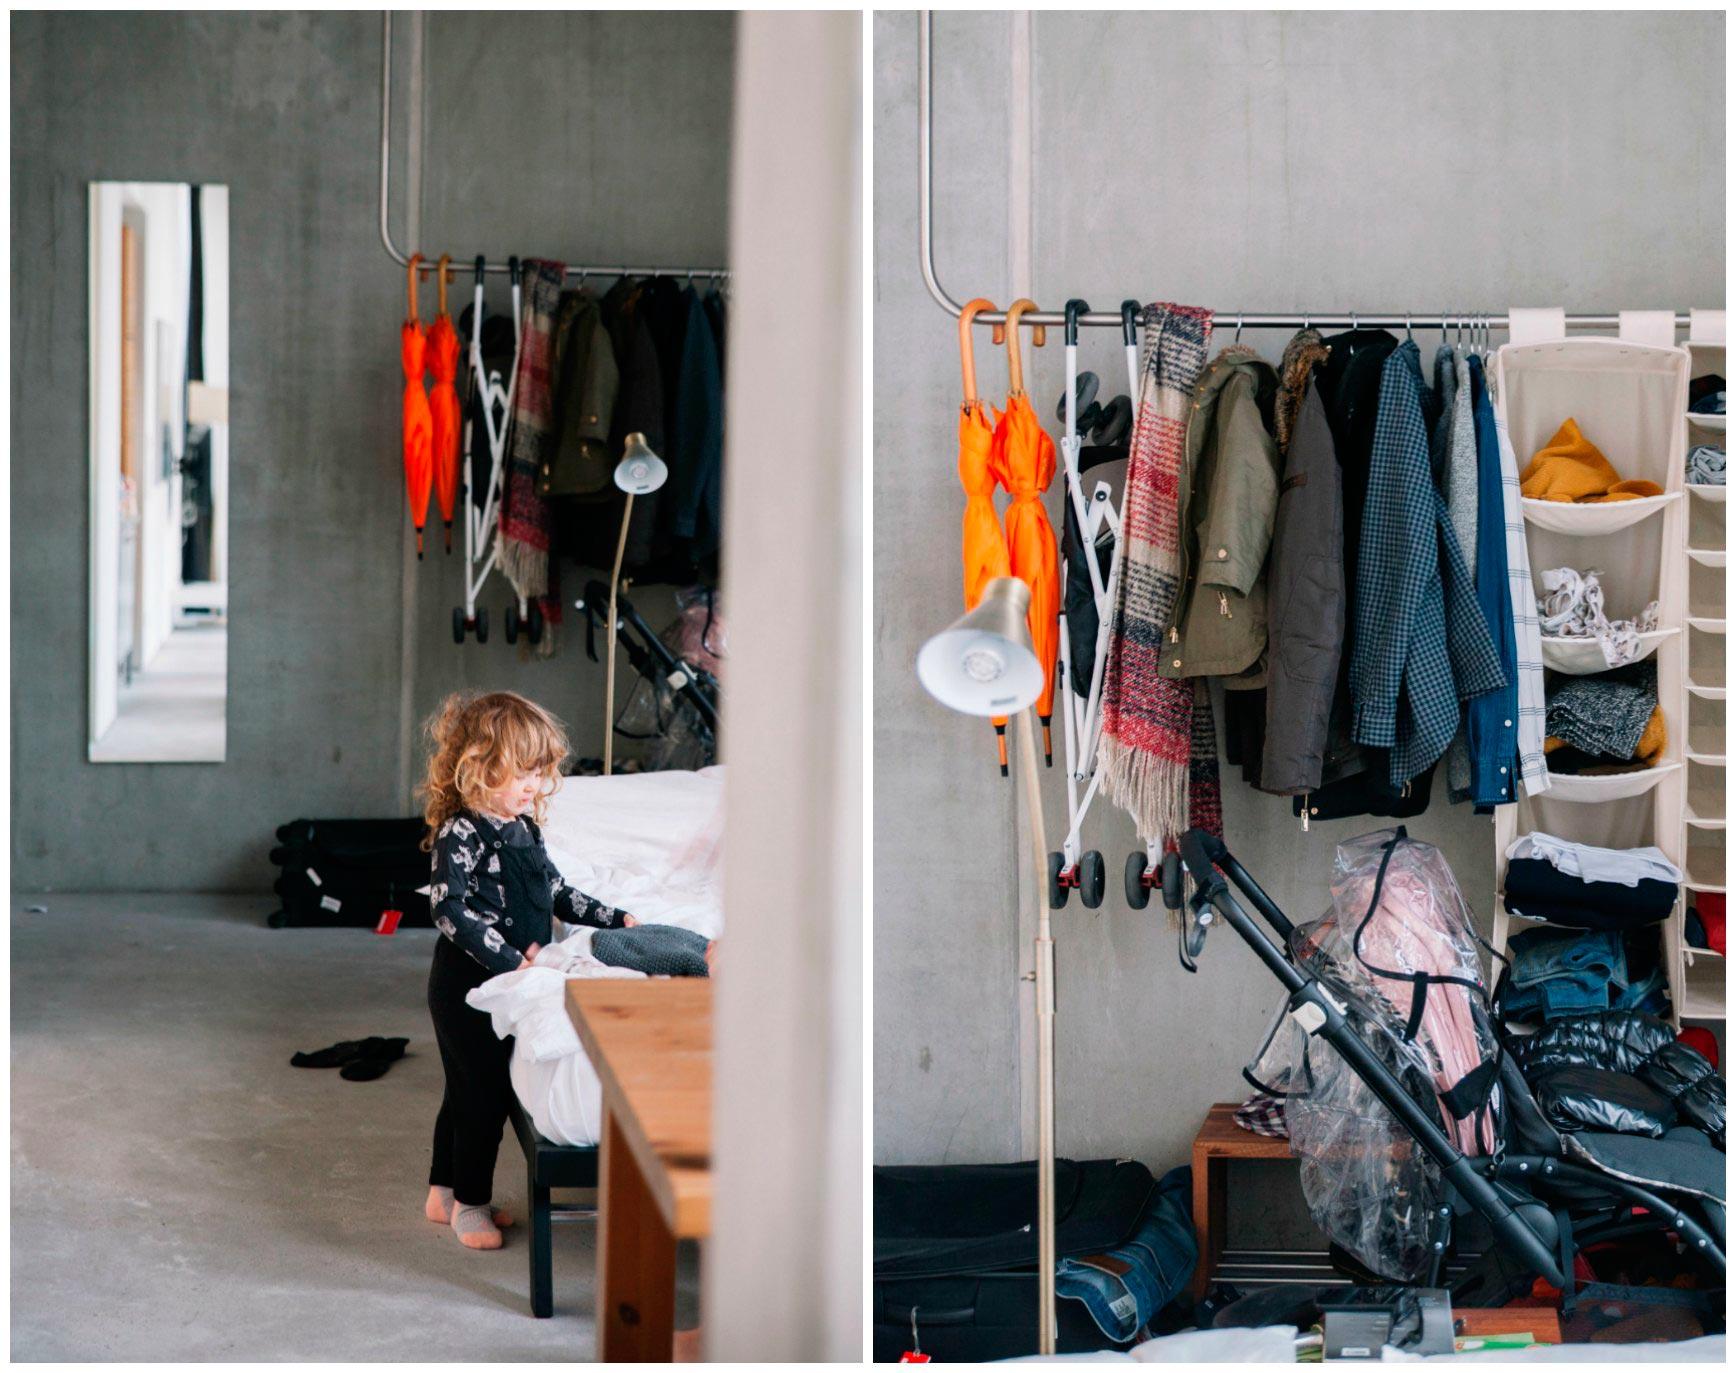 Miniloft-Berlin-claraBmartin_04